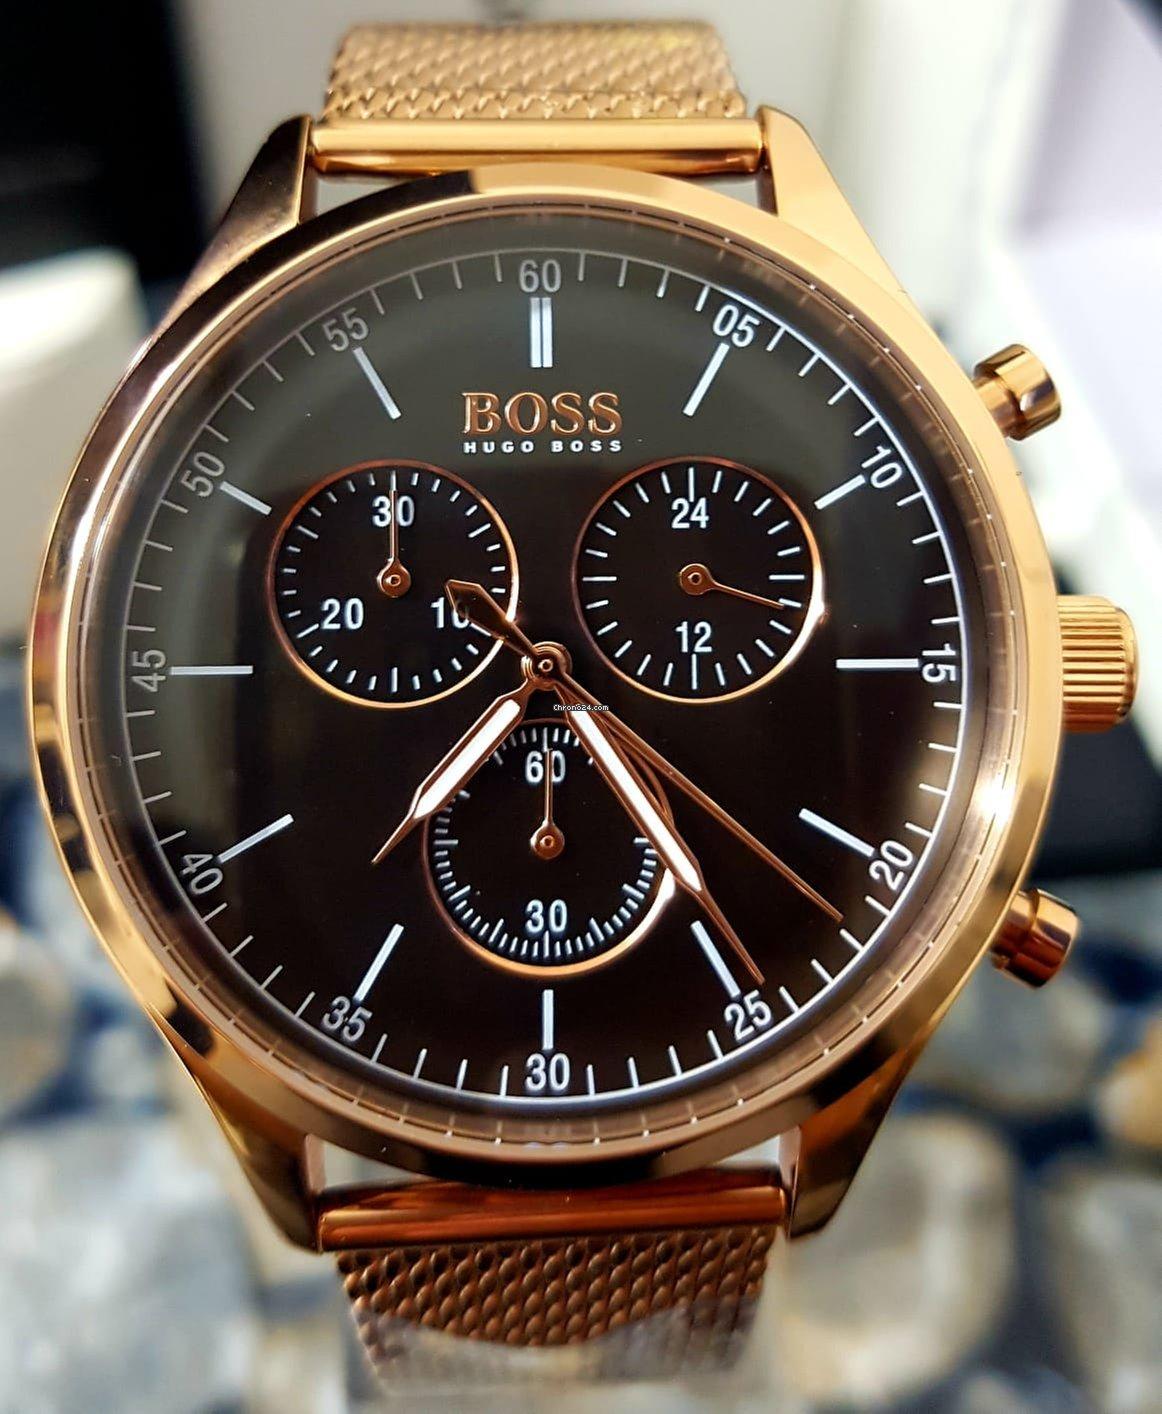 9121e144cedc Hugo Boss HB1513548 Companion Black Face Gold Chronograph Mens... en venta  por 291 € por parte de un Vendedor privado de Chrono24